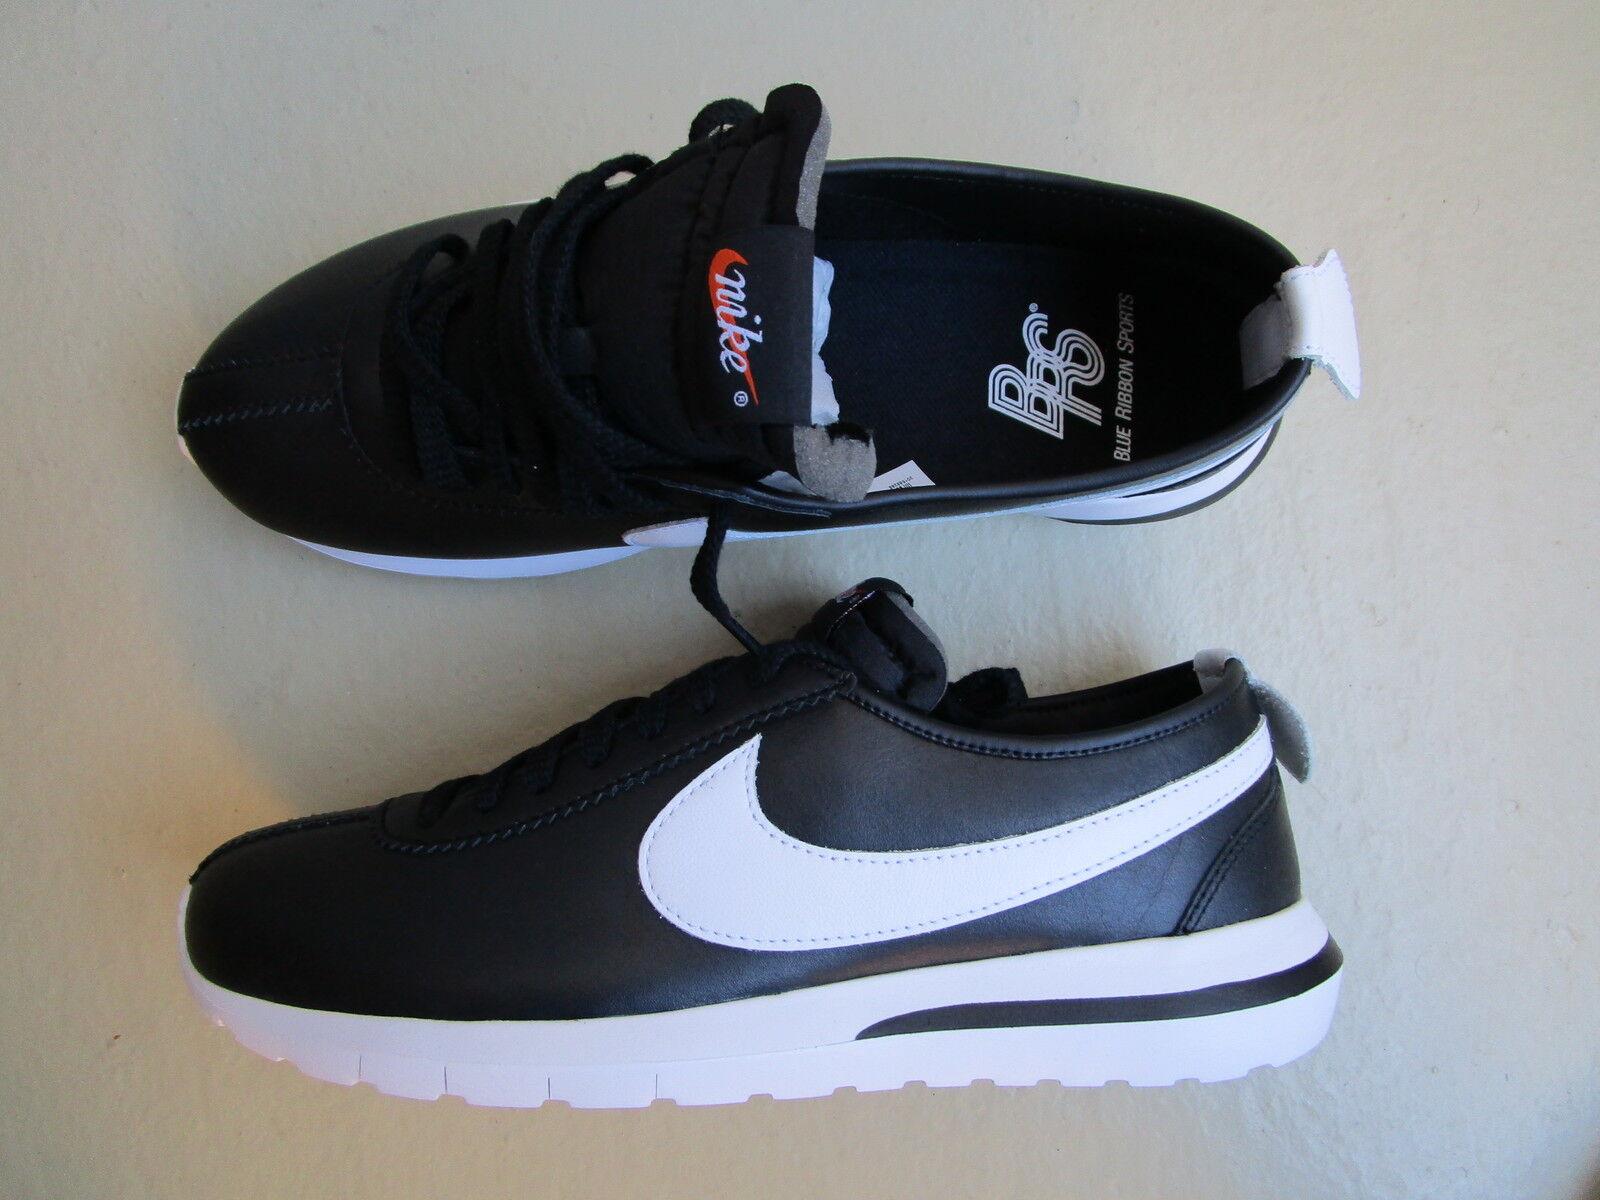 Nike Air Roshe Cortez SP NM 45.5 NikeLab Black/White